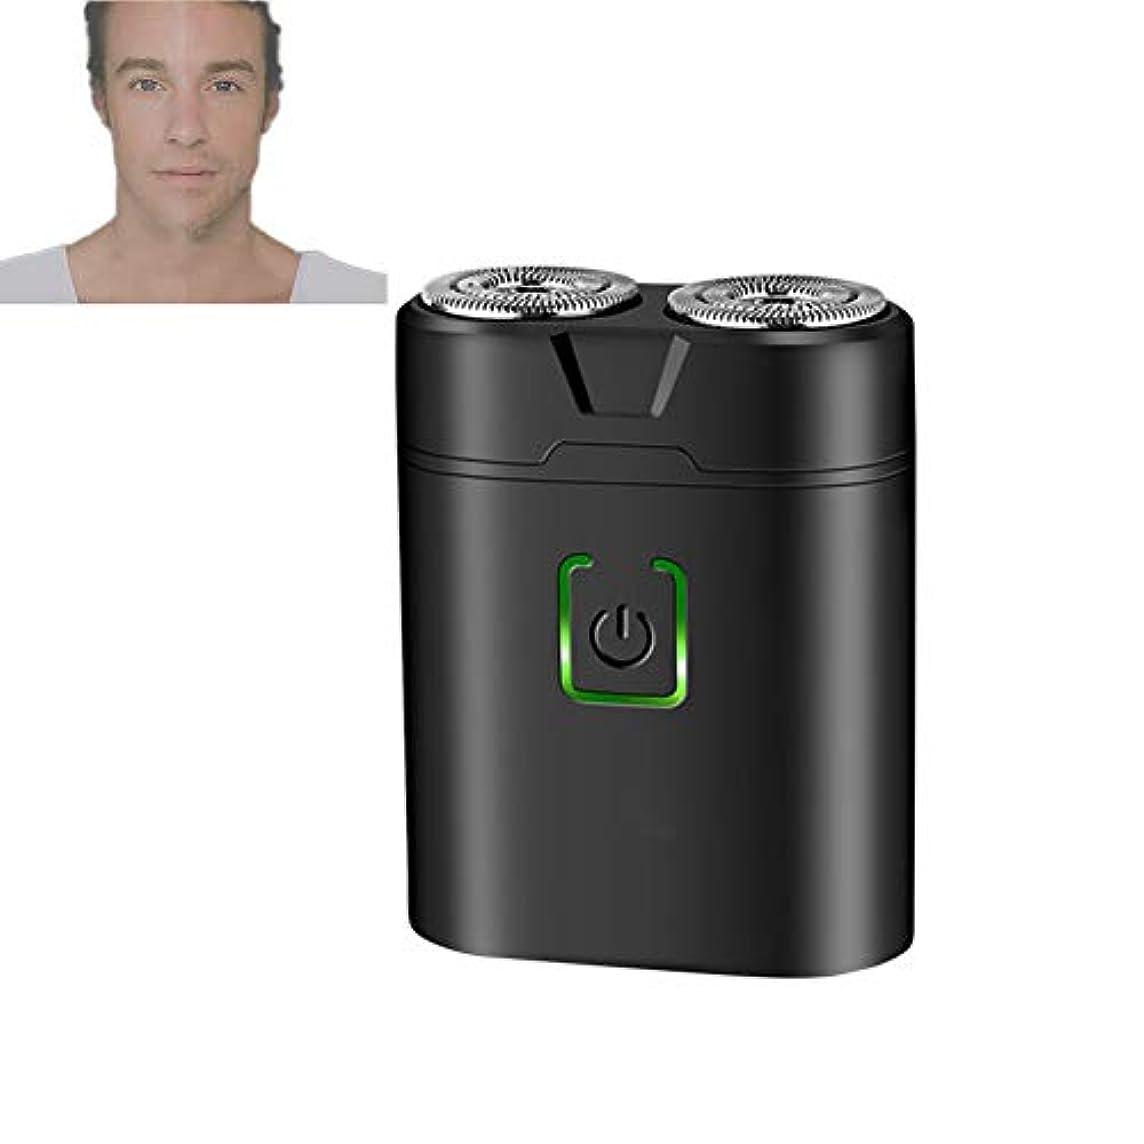 菊ネット不適切な男性のためのポケットシェーバーミニポータブル電気シェーバーかみそりダブルリングUSB充電式かみそりひげ